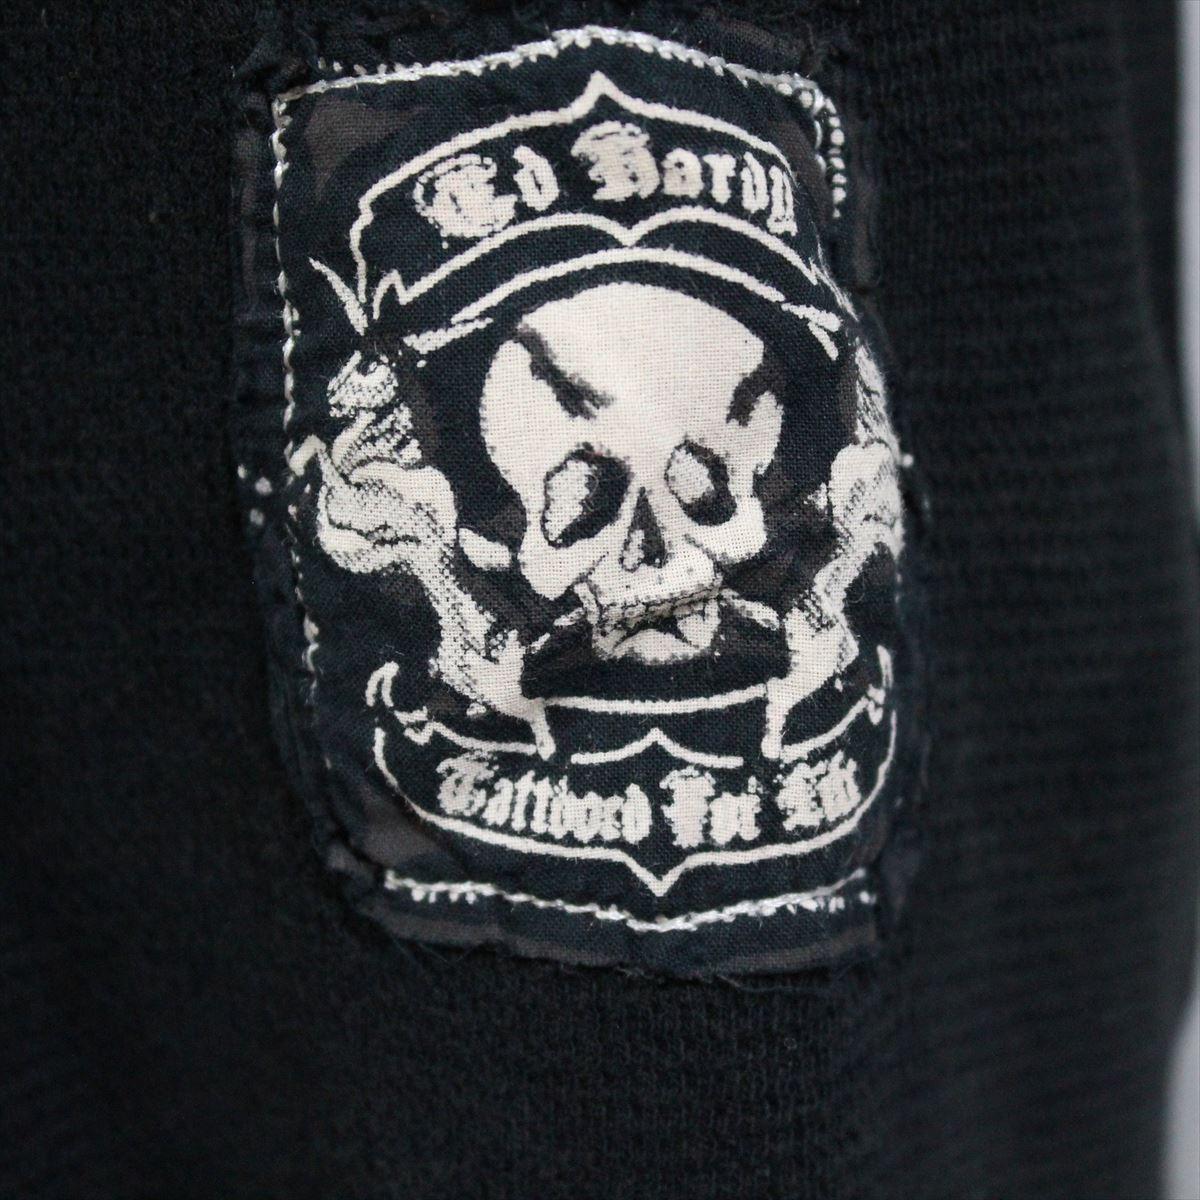 エドハーディー ED HARDY メンズ長袖サーマルTシャツ ブラック Sサイズ HR195 新品_画像2